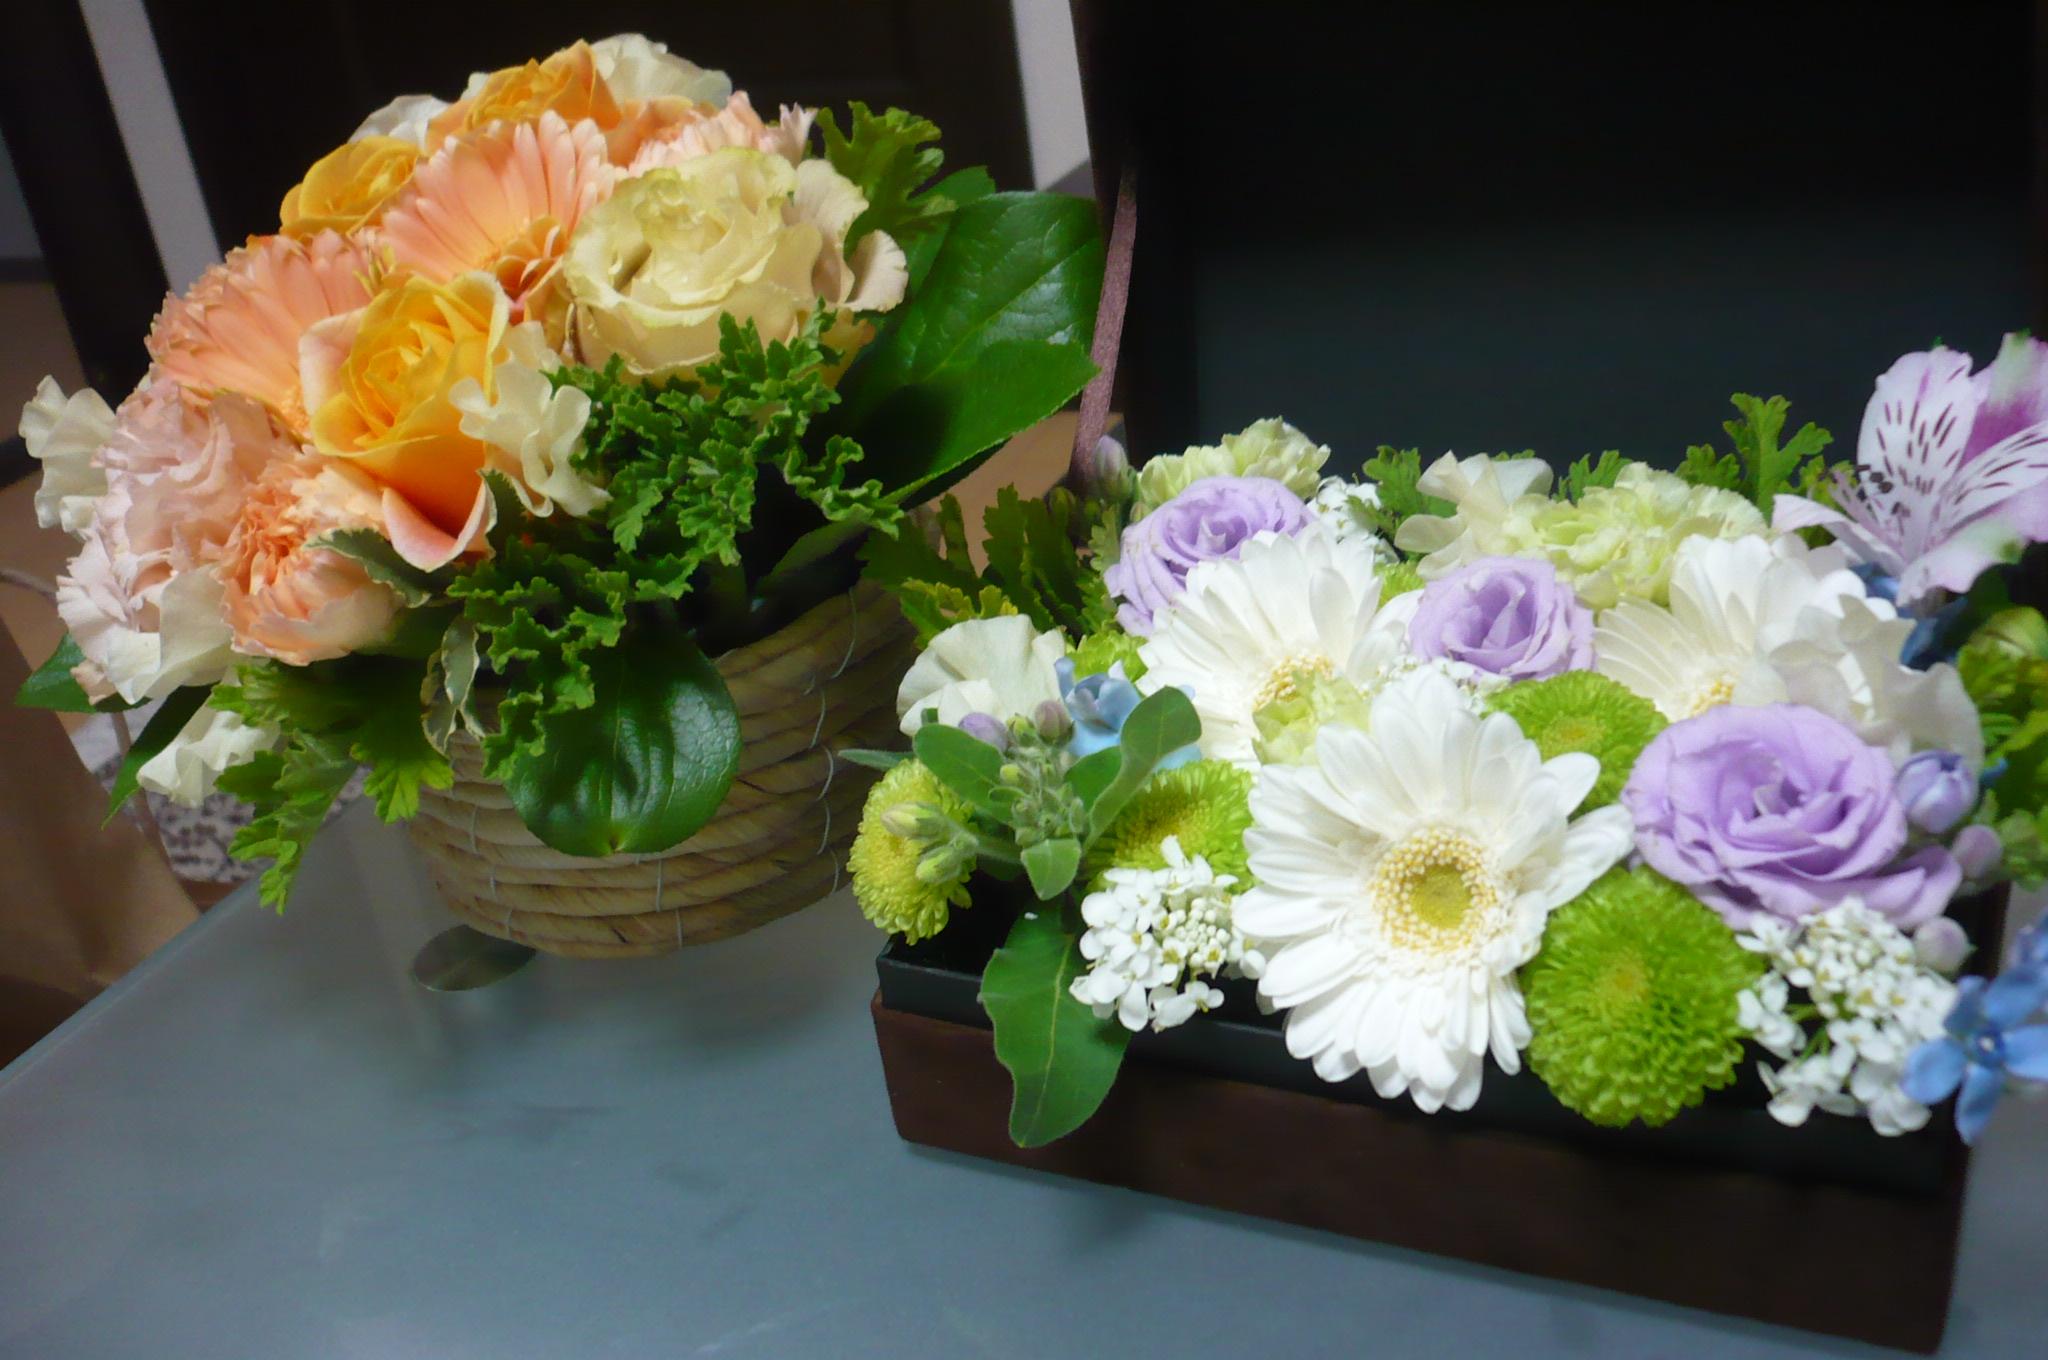 momo's Aroma room 京都のリンパマッサージ & 子連れで行けるアロマサロン-フラワーアレンジメントレッスン1月27日開催